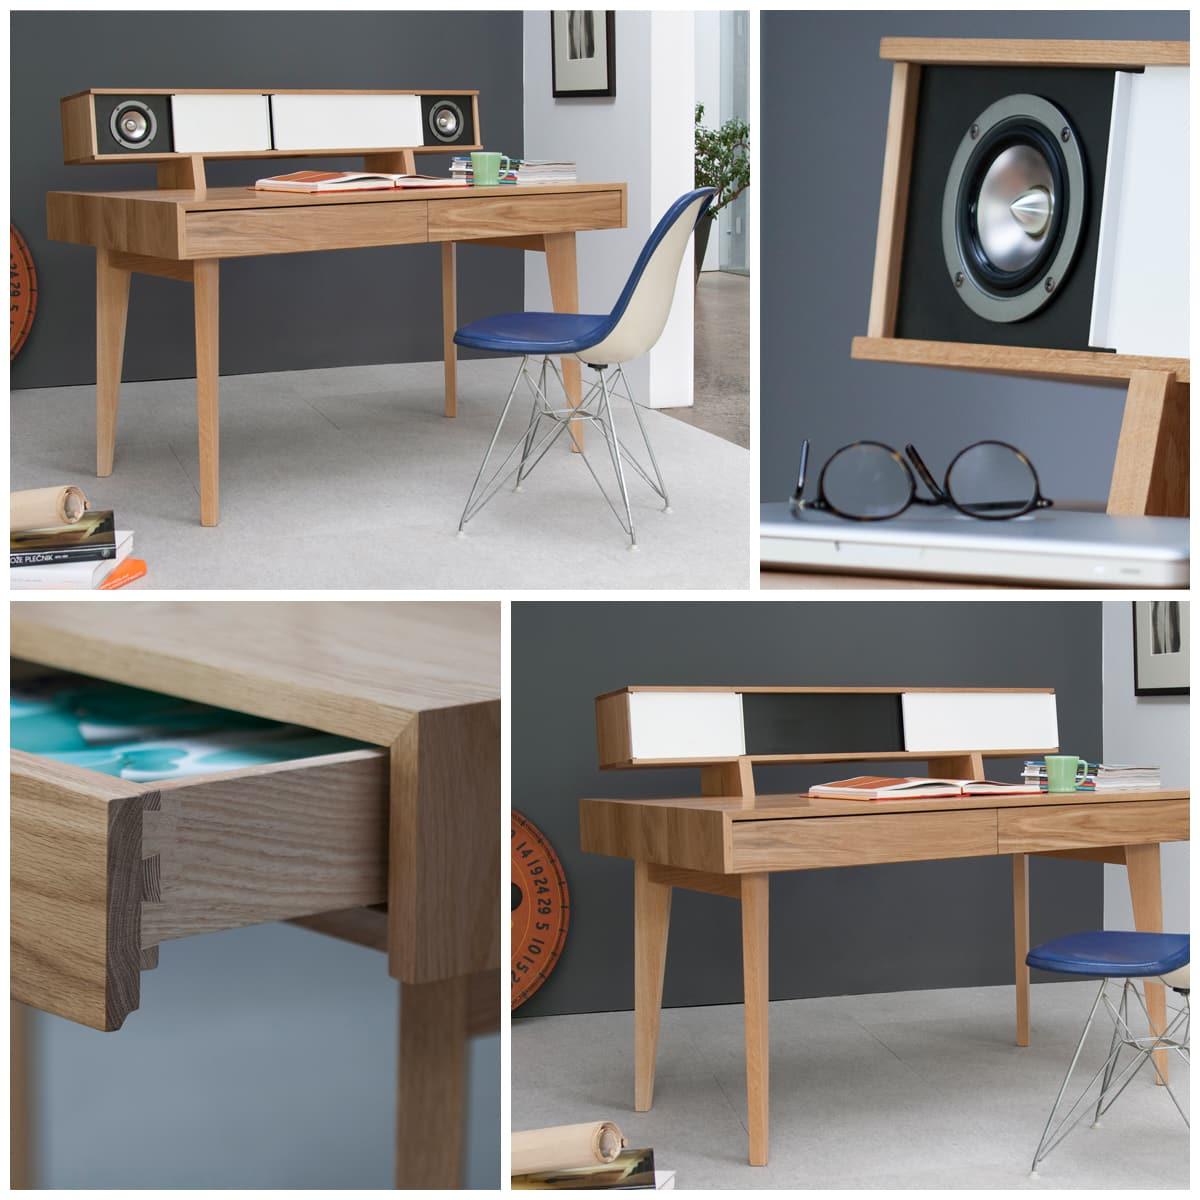 audio-desk-daar-zit-muziek-in